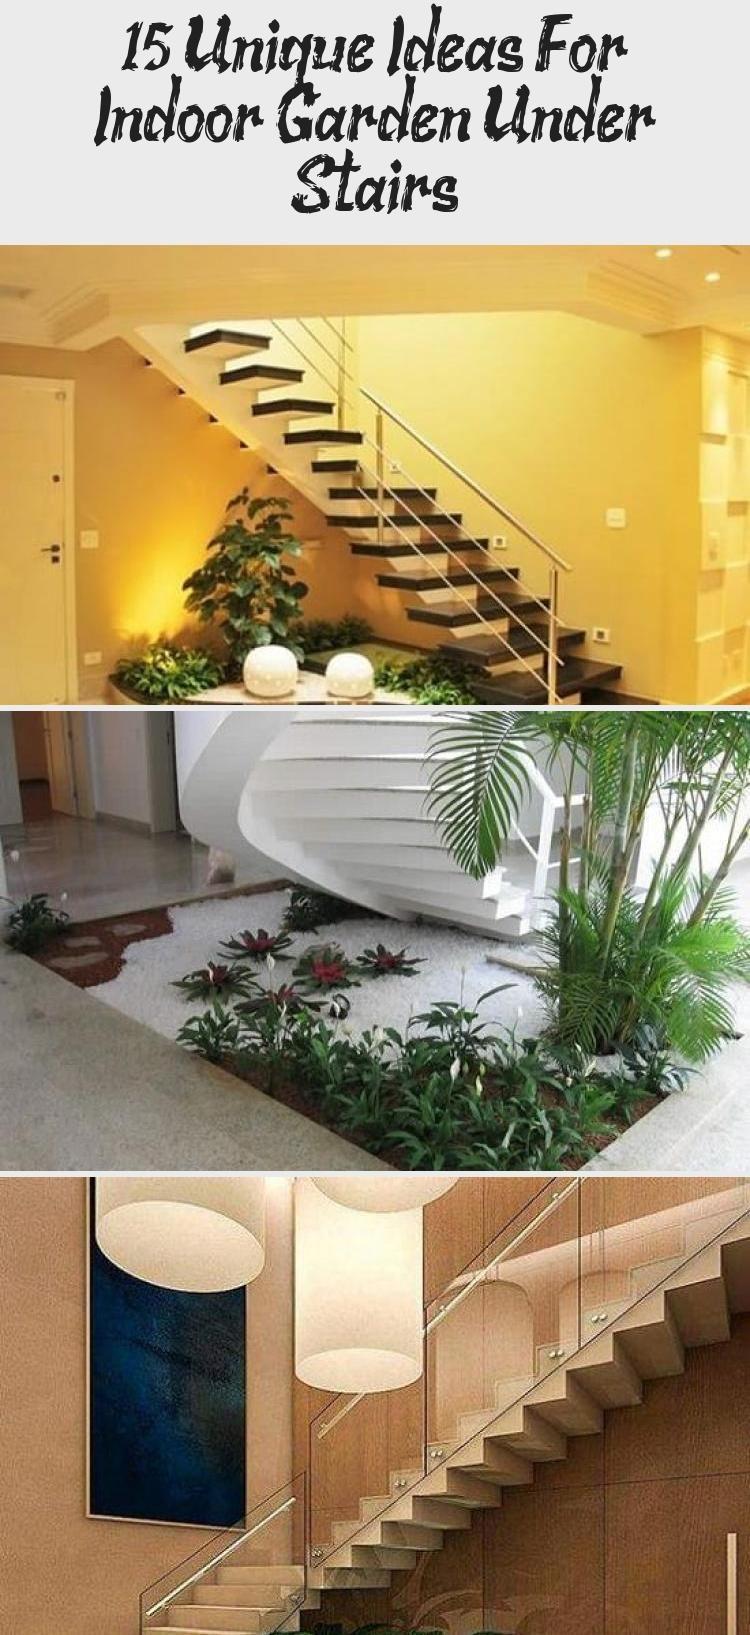 Unique Ideas Indoor Garden Under Stairs